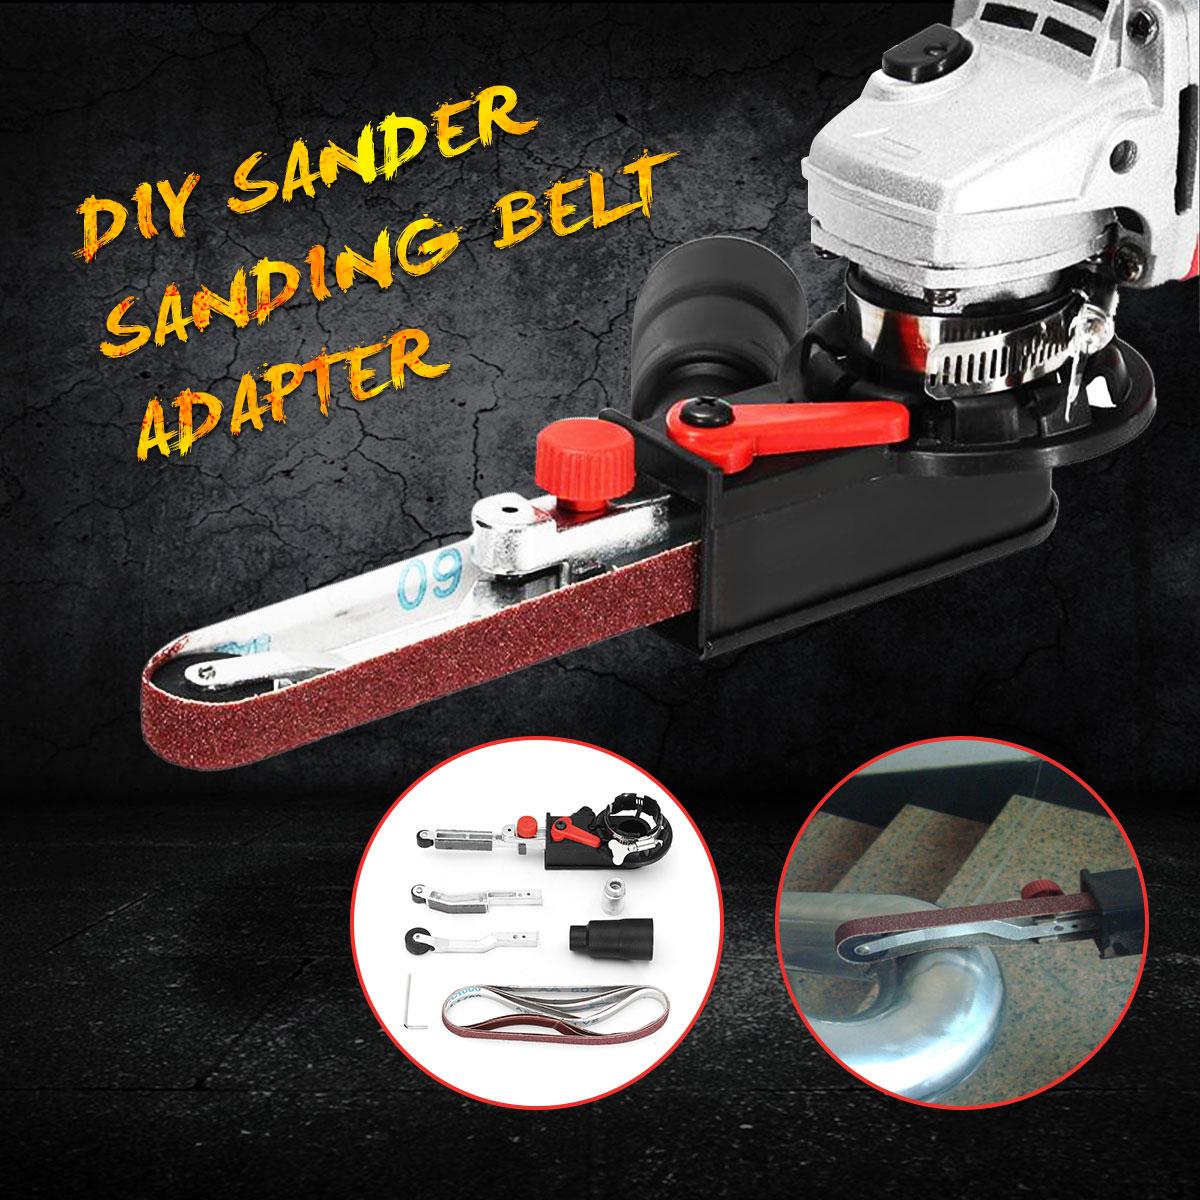 DIY Schuurmachine Schuren Riem Adapter Voor 115/125 Elektrische Haakse Slijper met M14 Draad Spindel Voor houtbewerking Metaalbewerking